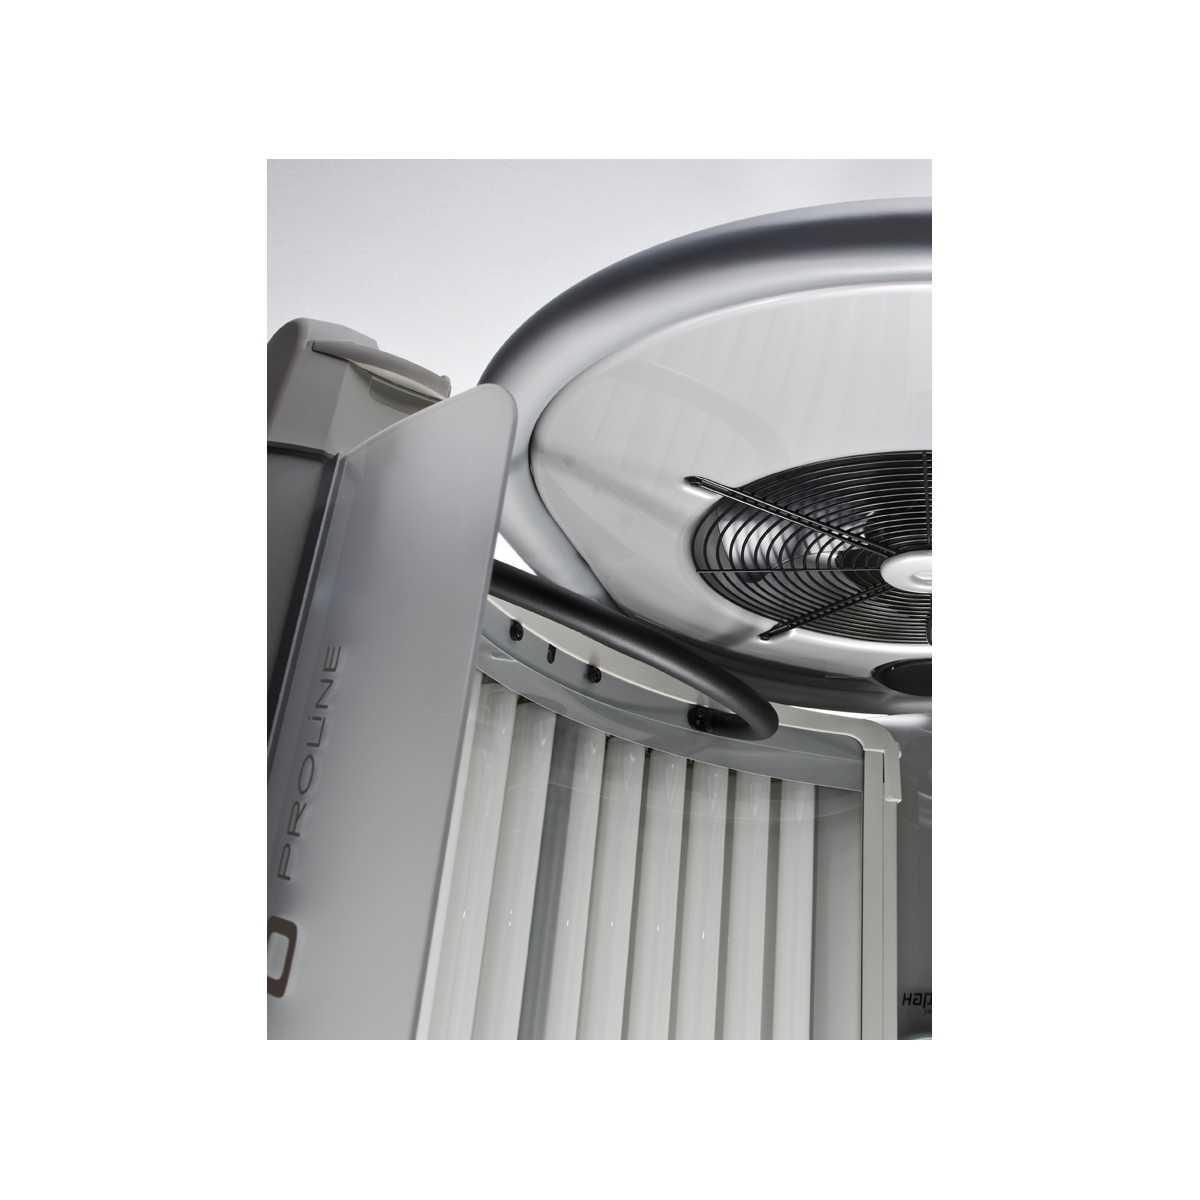 Centrale ventilateur d'extraction et de haut-parleurs pour la Proline 28 V et 28 V